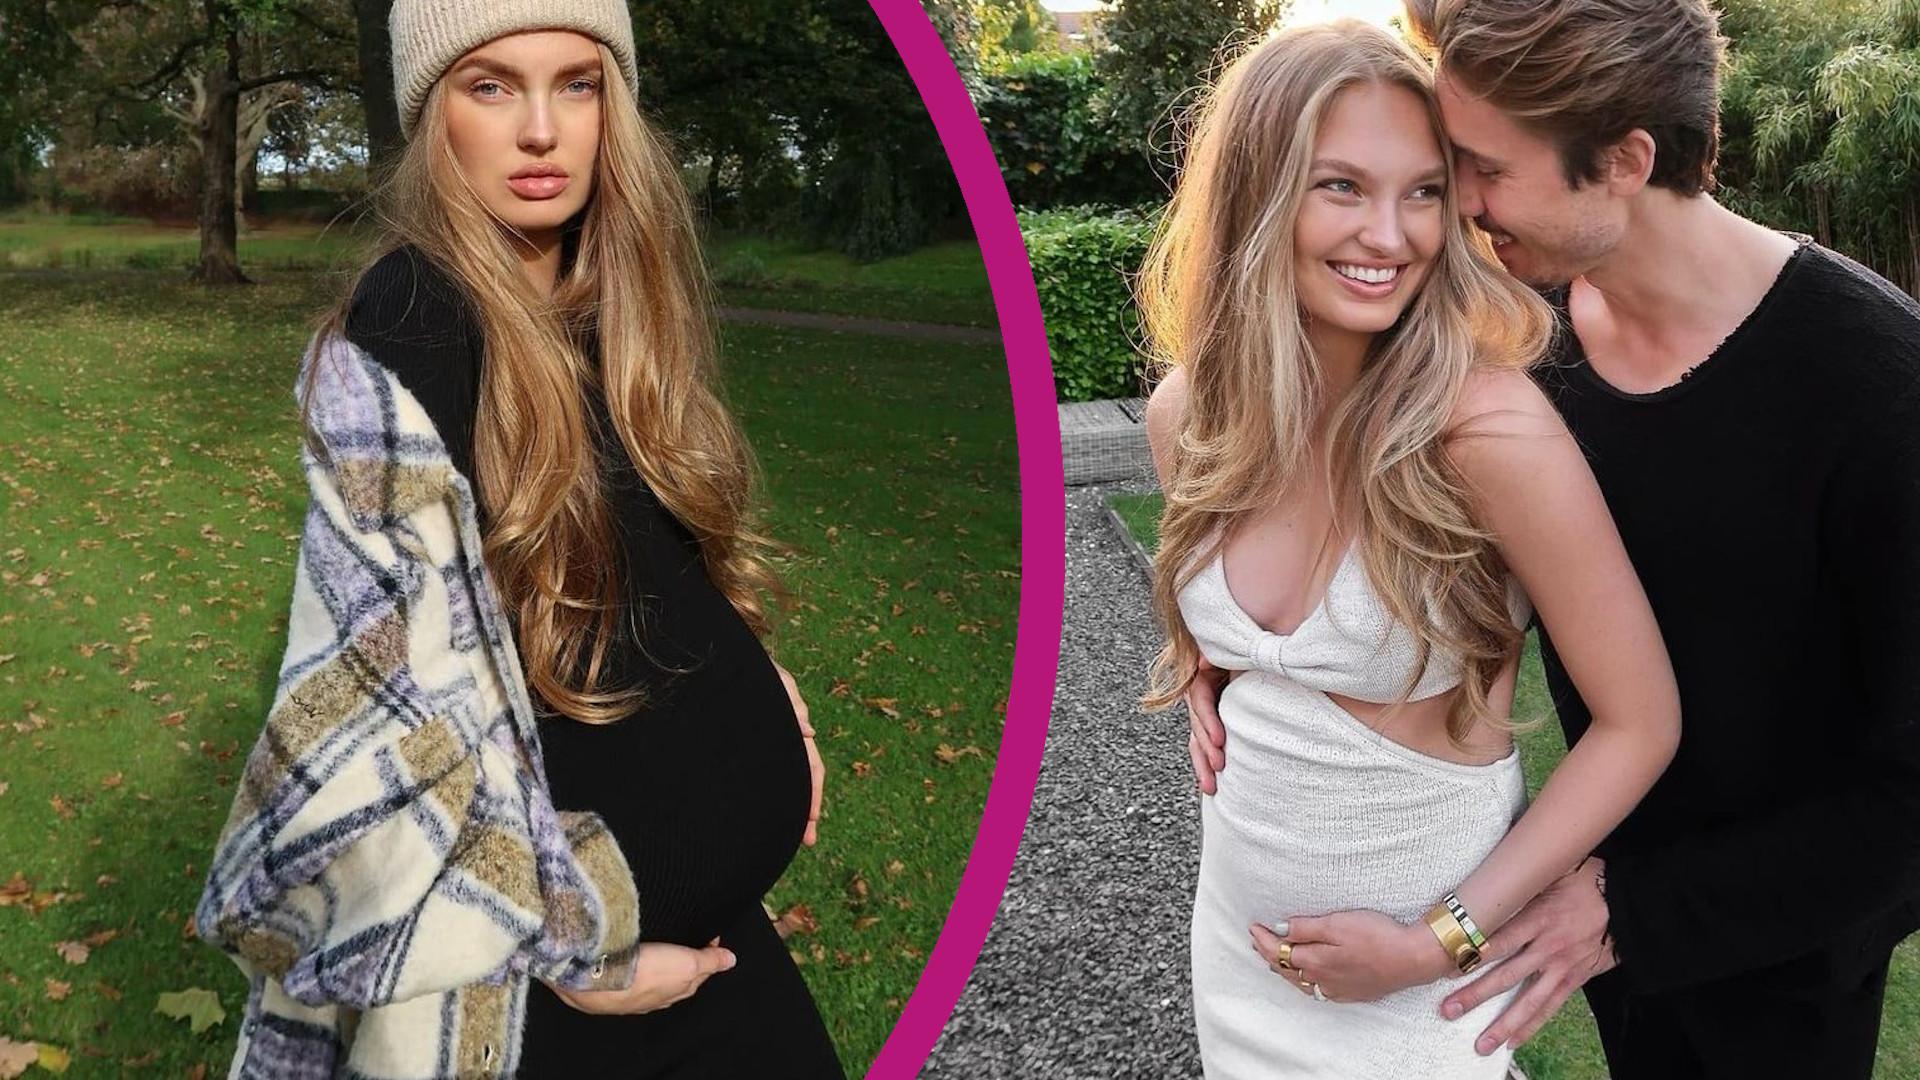 Modelka Victoria's Secret URODZIŁA. Myślała, że będzie mieć problemy z zajściem w ciążę